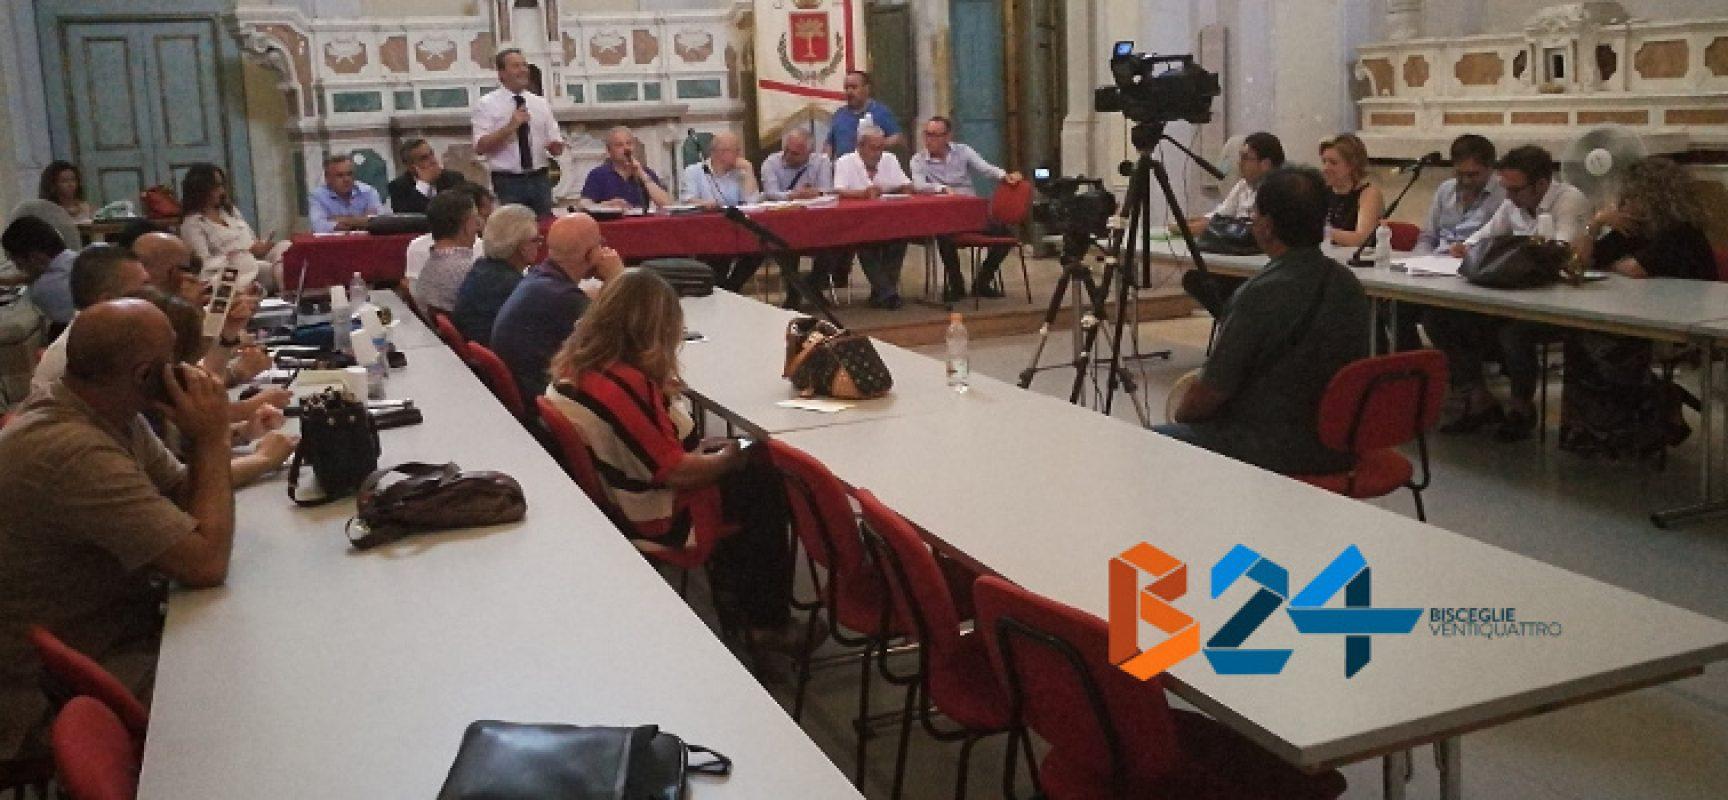 Consiglio comunale su bilancio rinviato per mancanza numero legale, è caos dimissioni